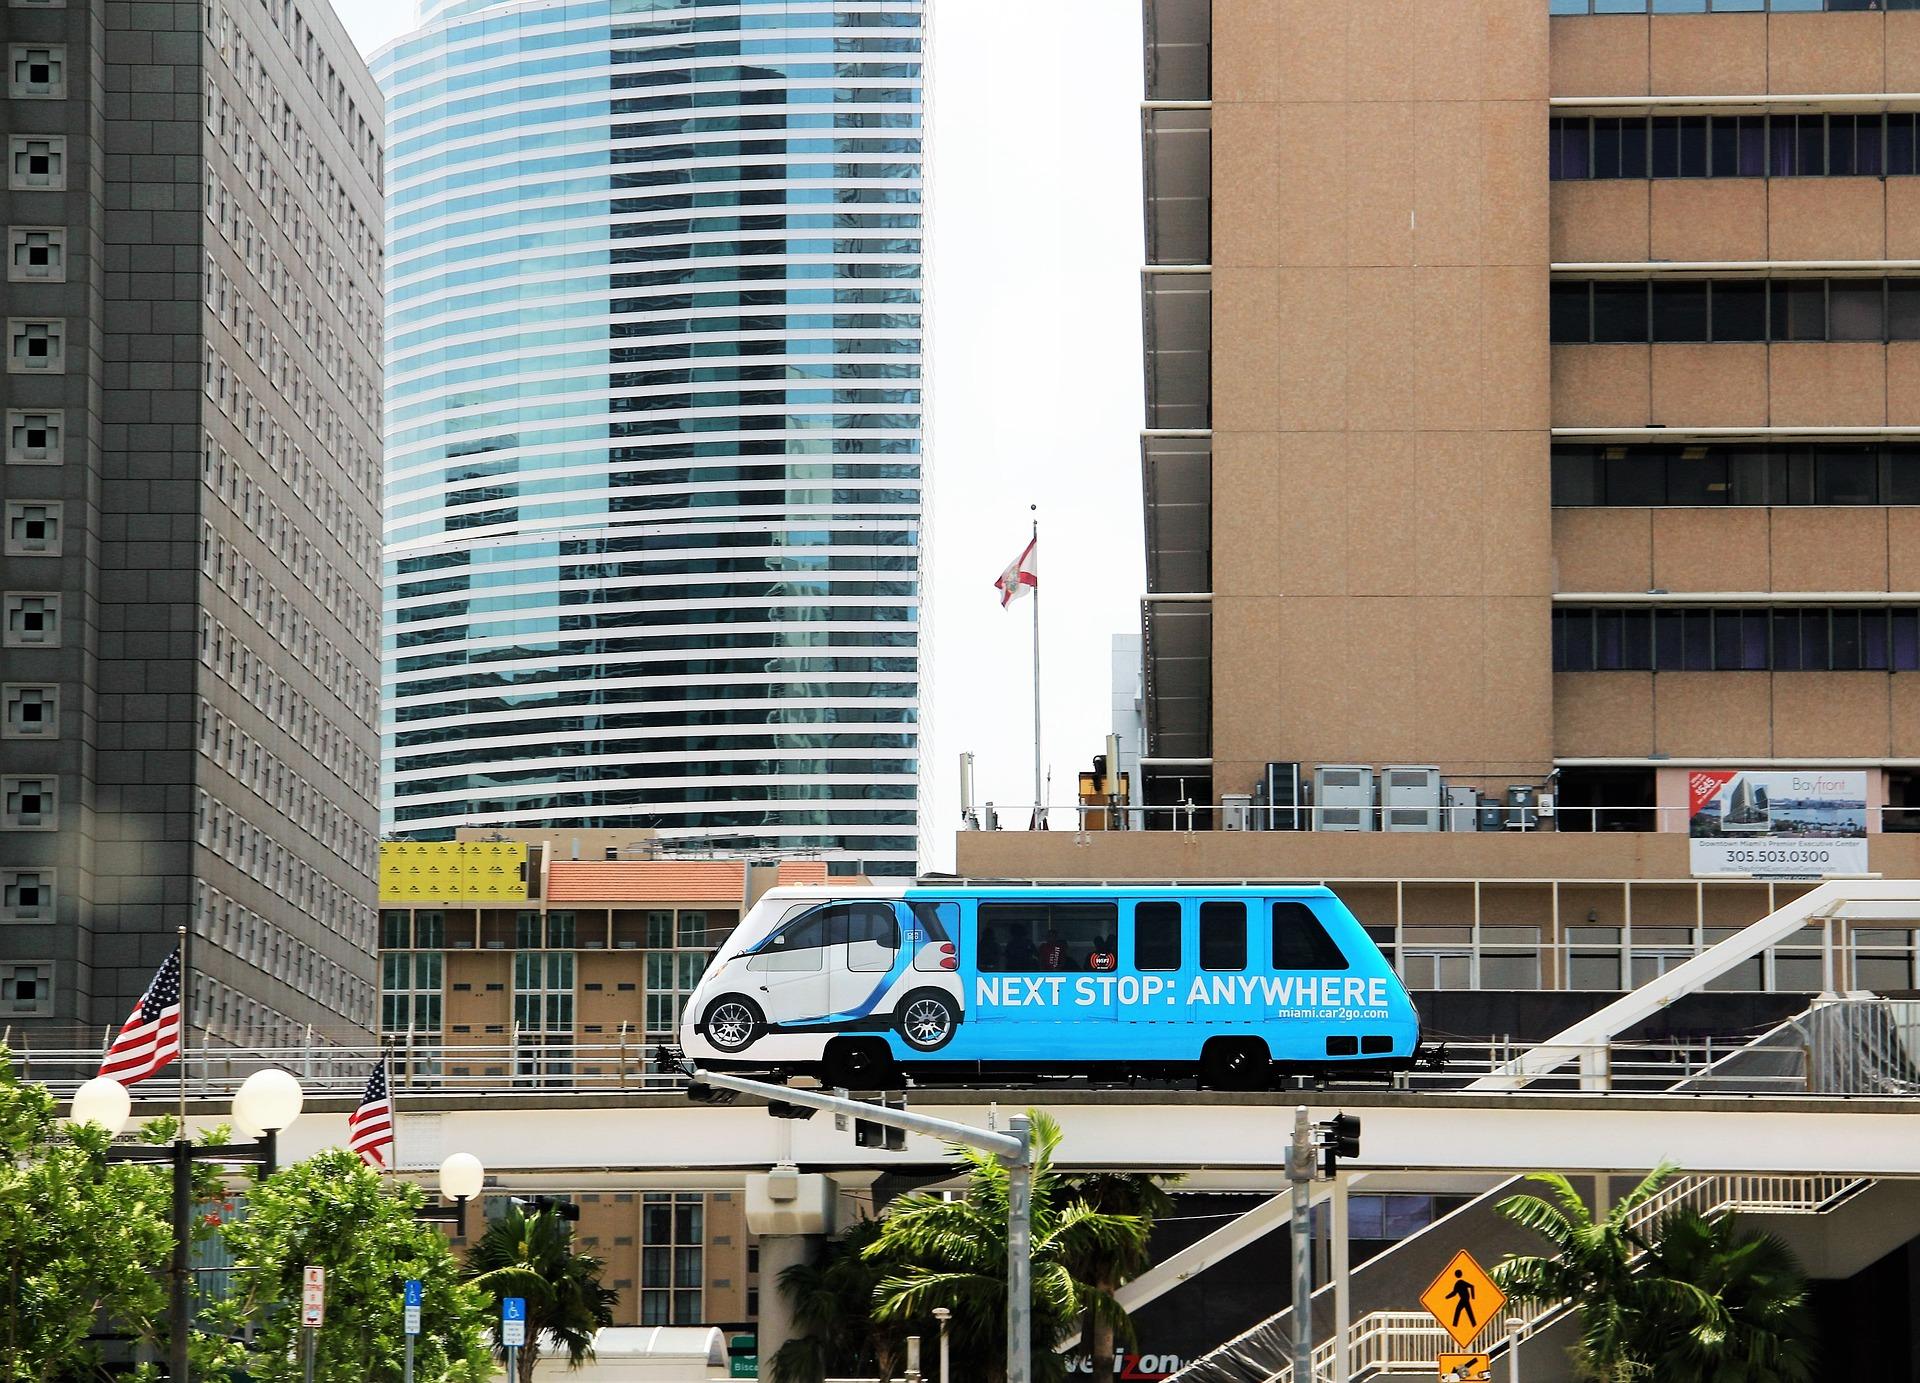 Miami Inmobiliario alquiler,transporte, ocio...¿Cual es el coste de vida en Miami?